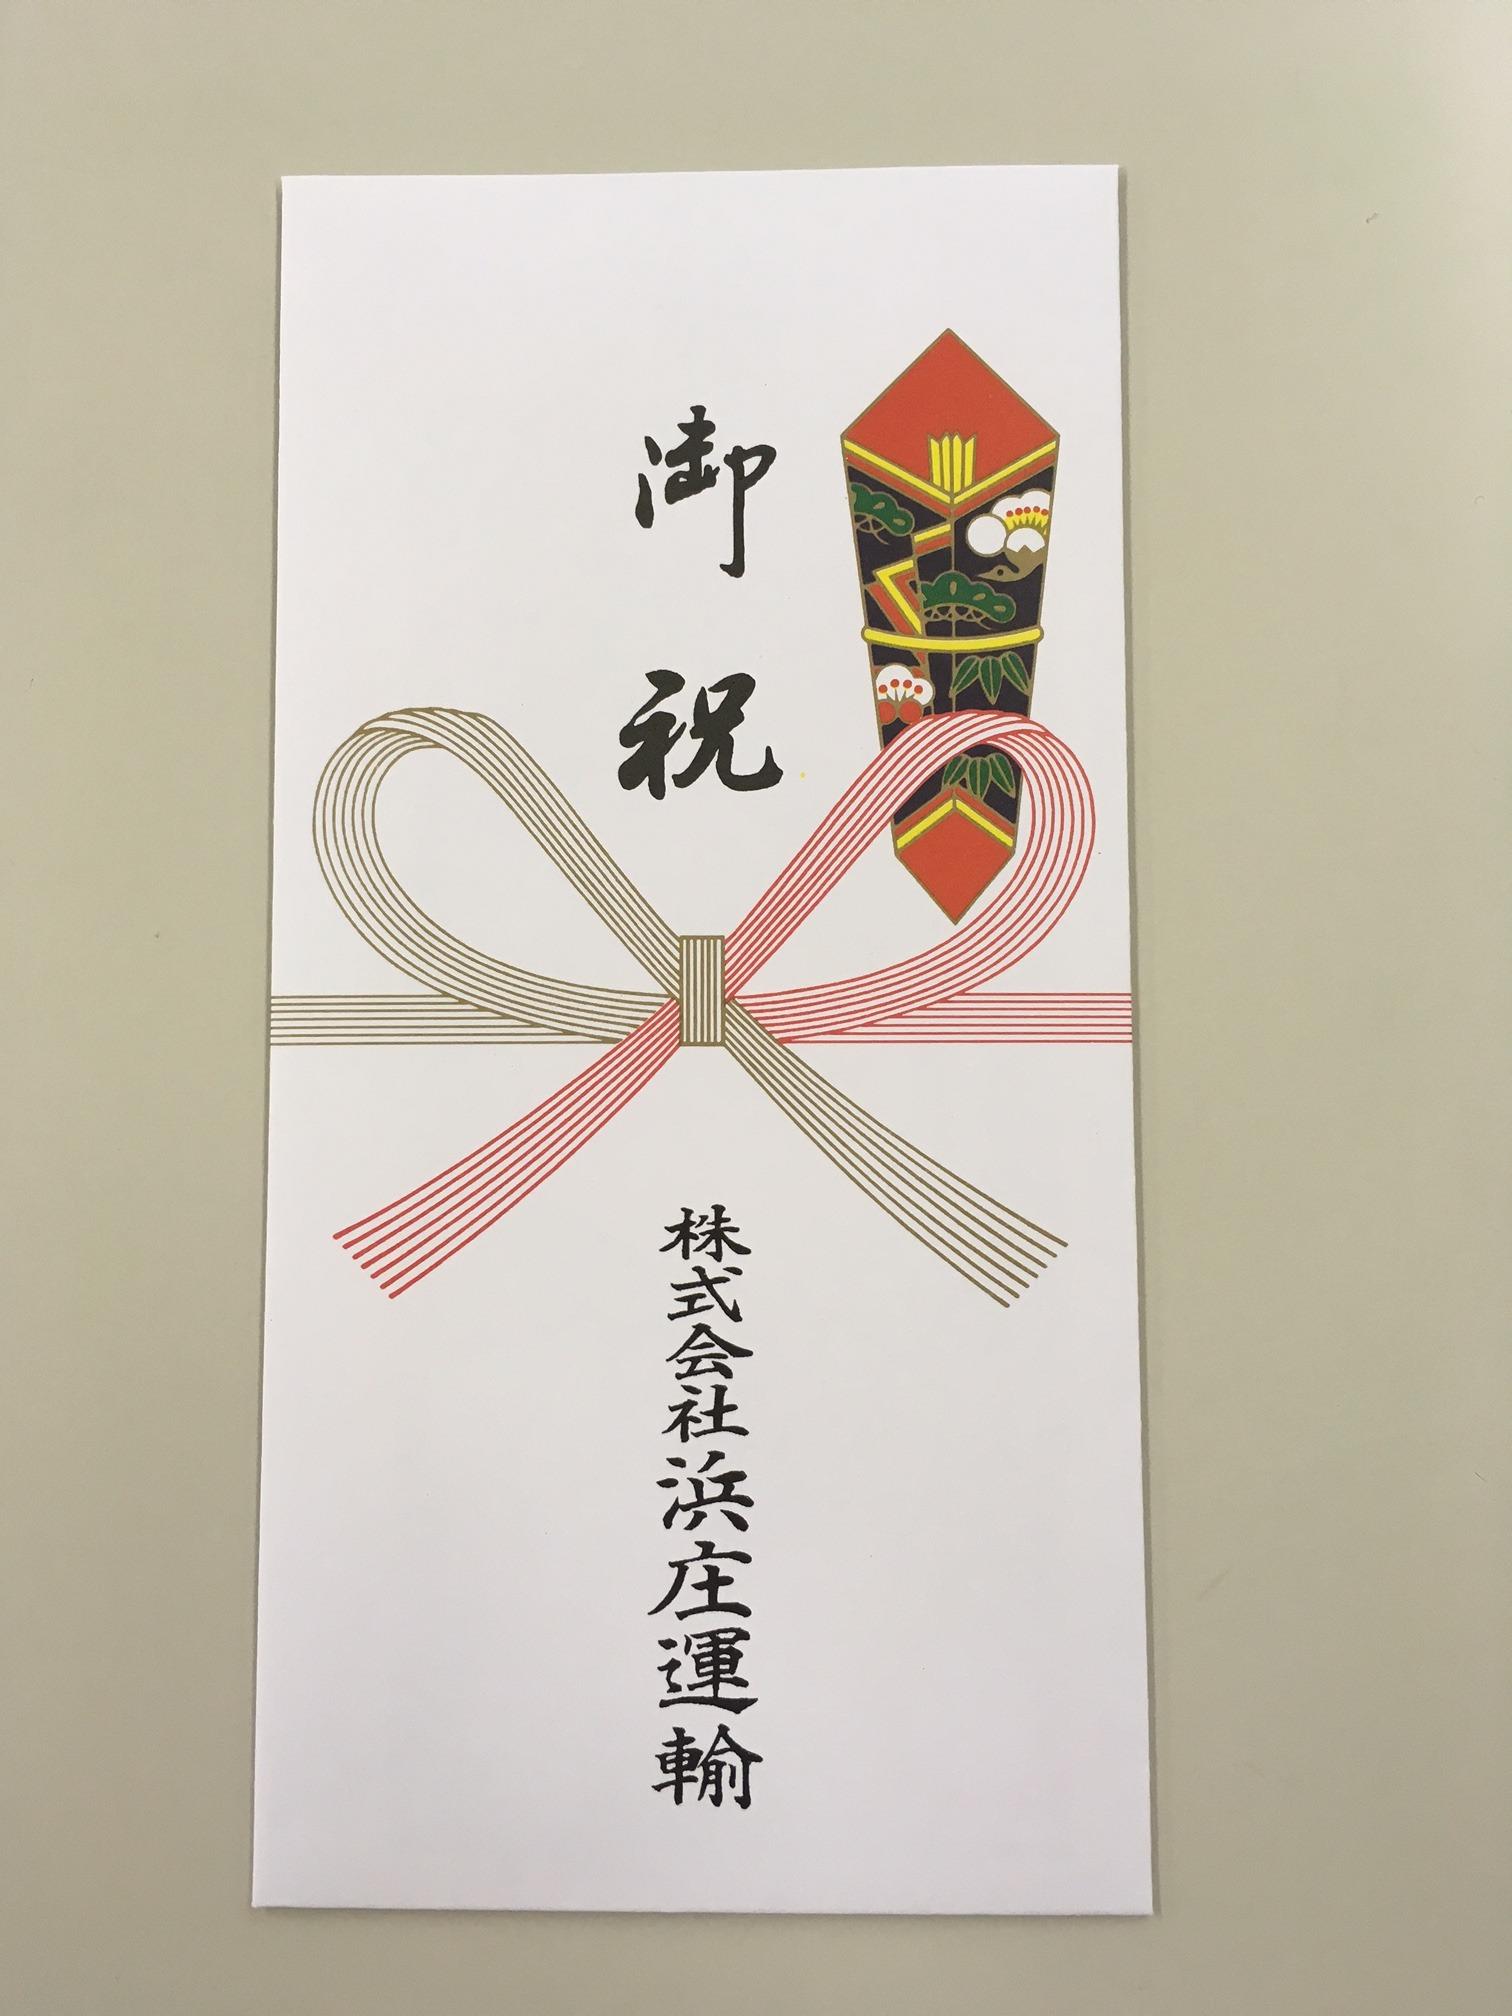 石川県金沢市発★運送会社『浜庄運輸』のブログ